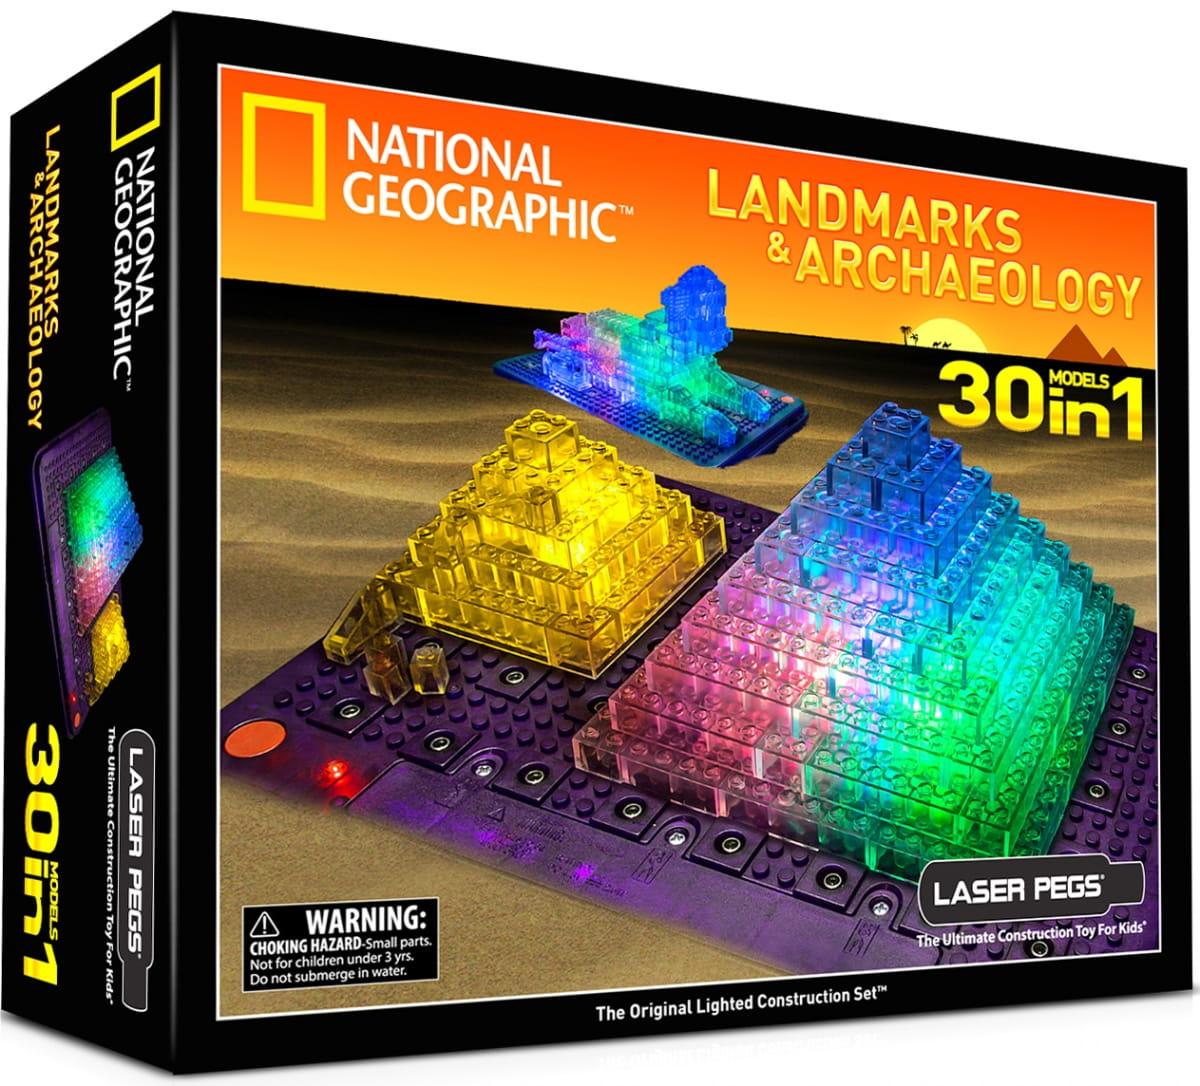 Светодиодный конструктор 30 в 1 Laser Pegs National Geographic - Археология